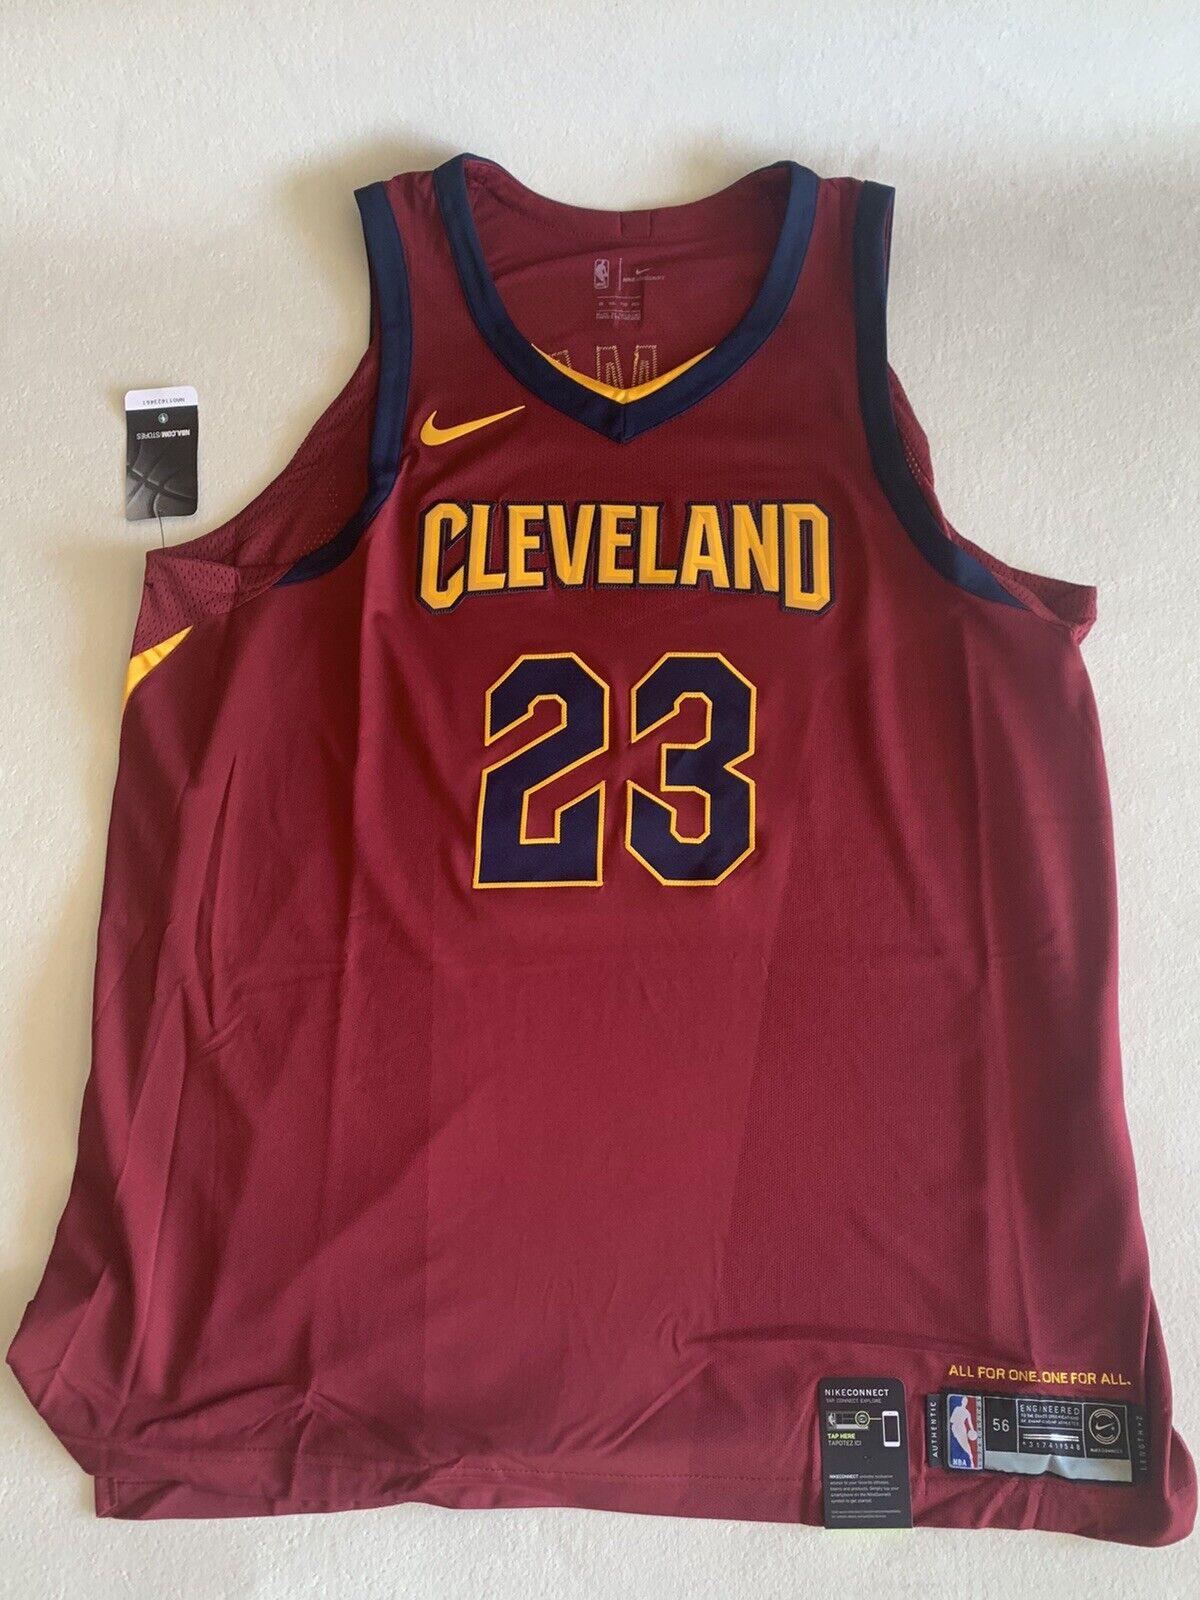 Edici/ón icono SGYW Rojo Camisetas de baloncesto para hombre LeBron Cleveland NO.23 Cavaliers James Fast Break Replica Player Jersey Maroon Transpirable sin mangas Chalecos Uniforme